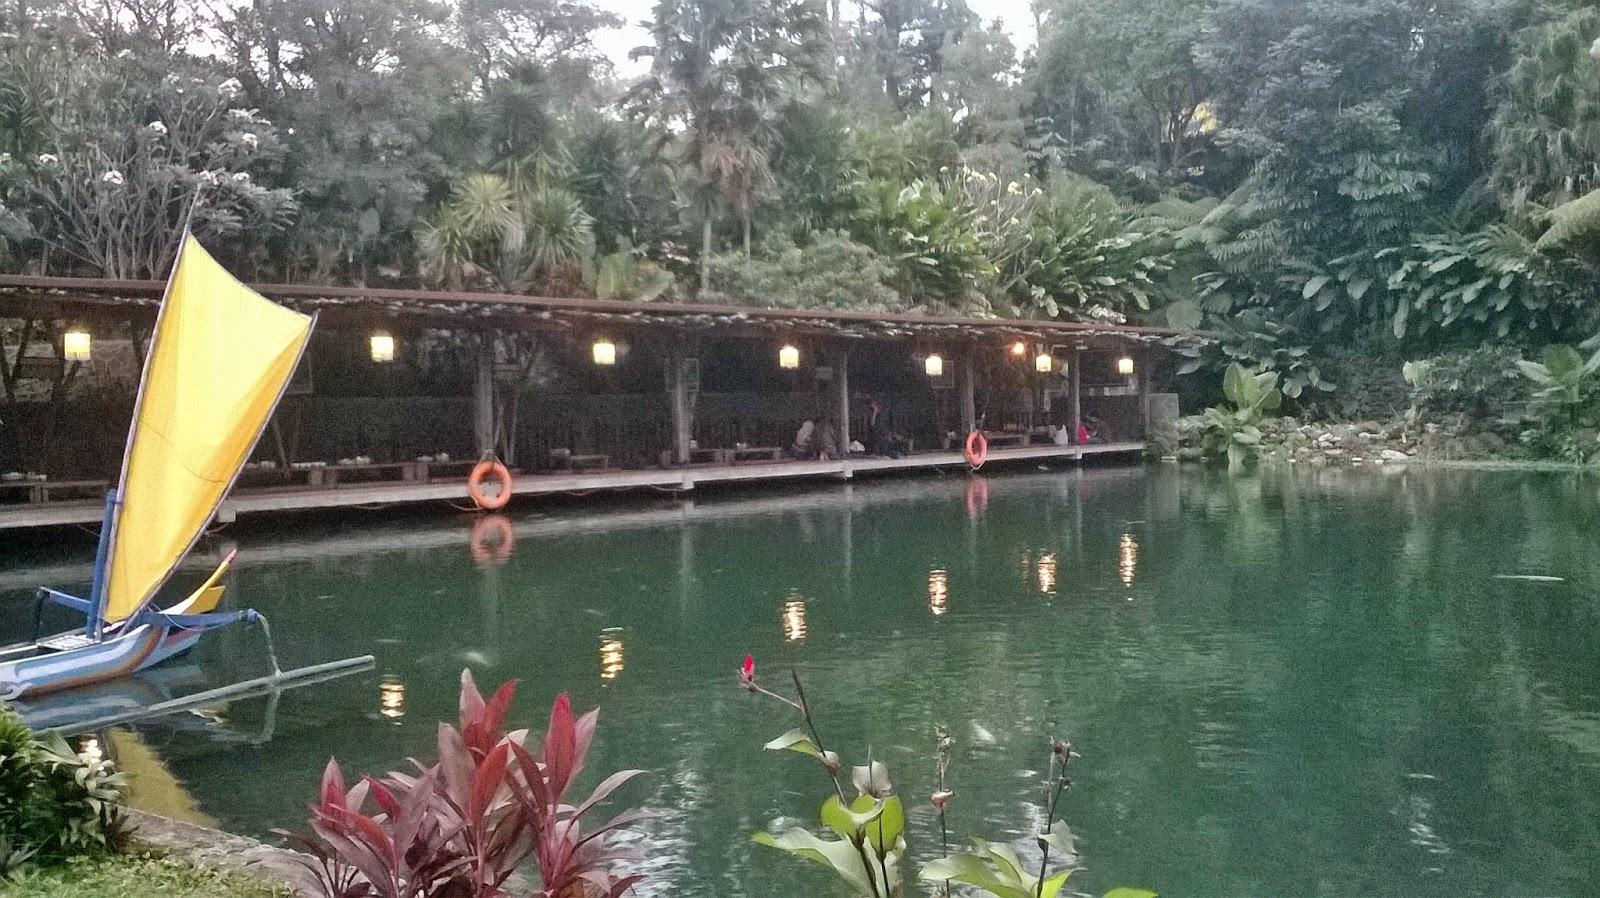 Pondok Desa Kampung Telaga, Pondok Desa Kampung Telaga Malang, Malang Raya, Dolan Dolen, Dolaners Pondok Desa Kampung Telaga via Nexeva - Dolan Dolen